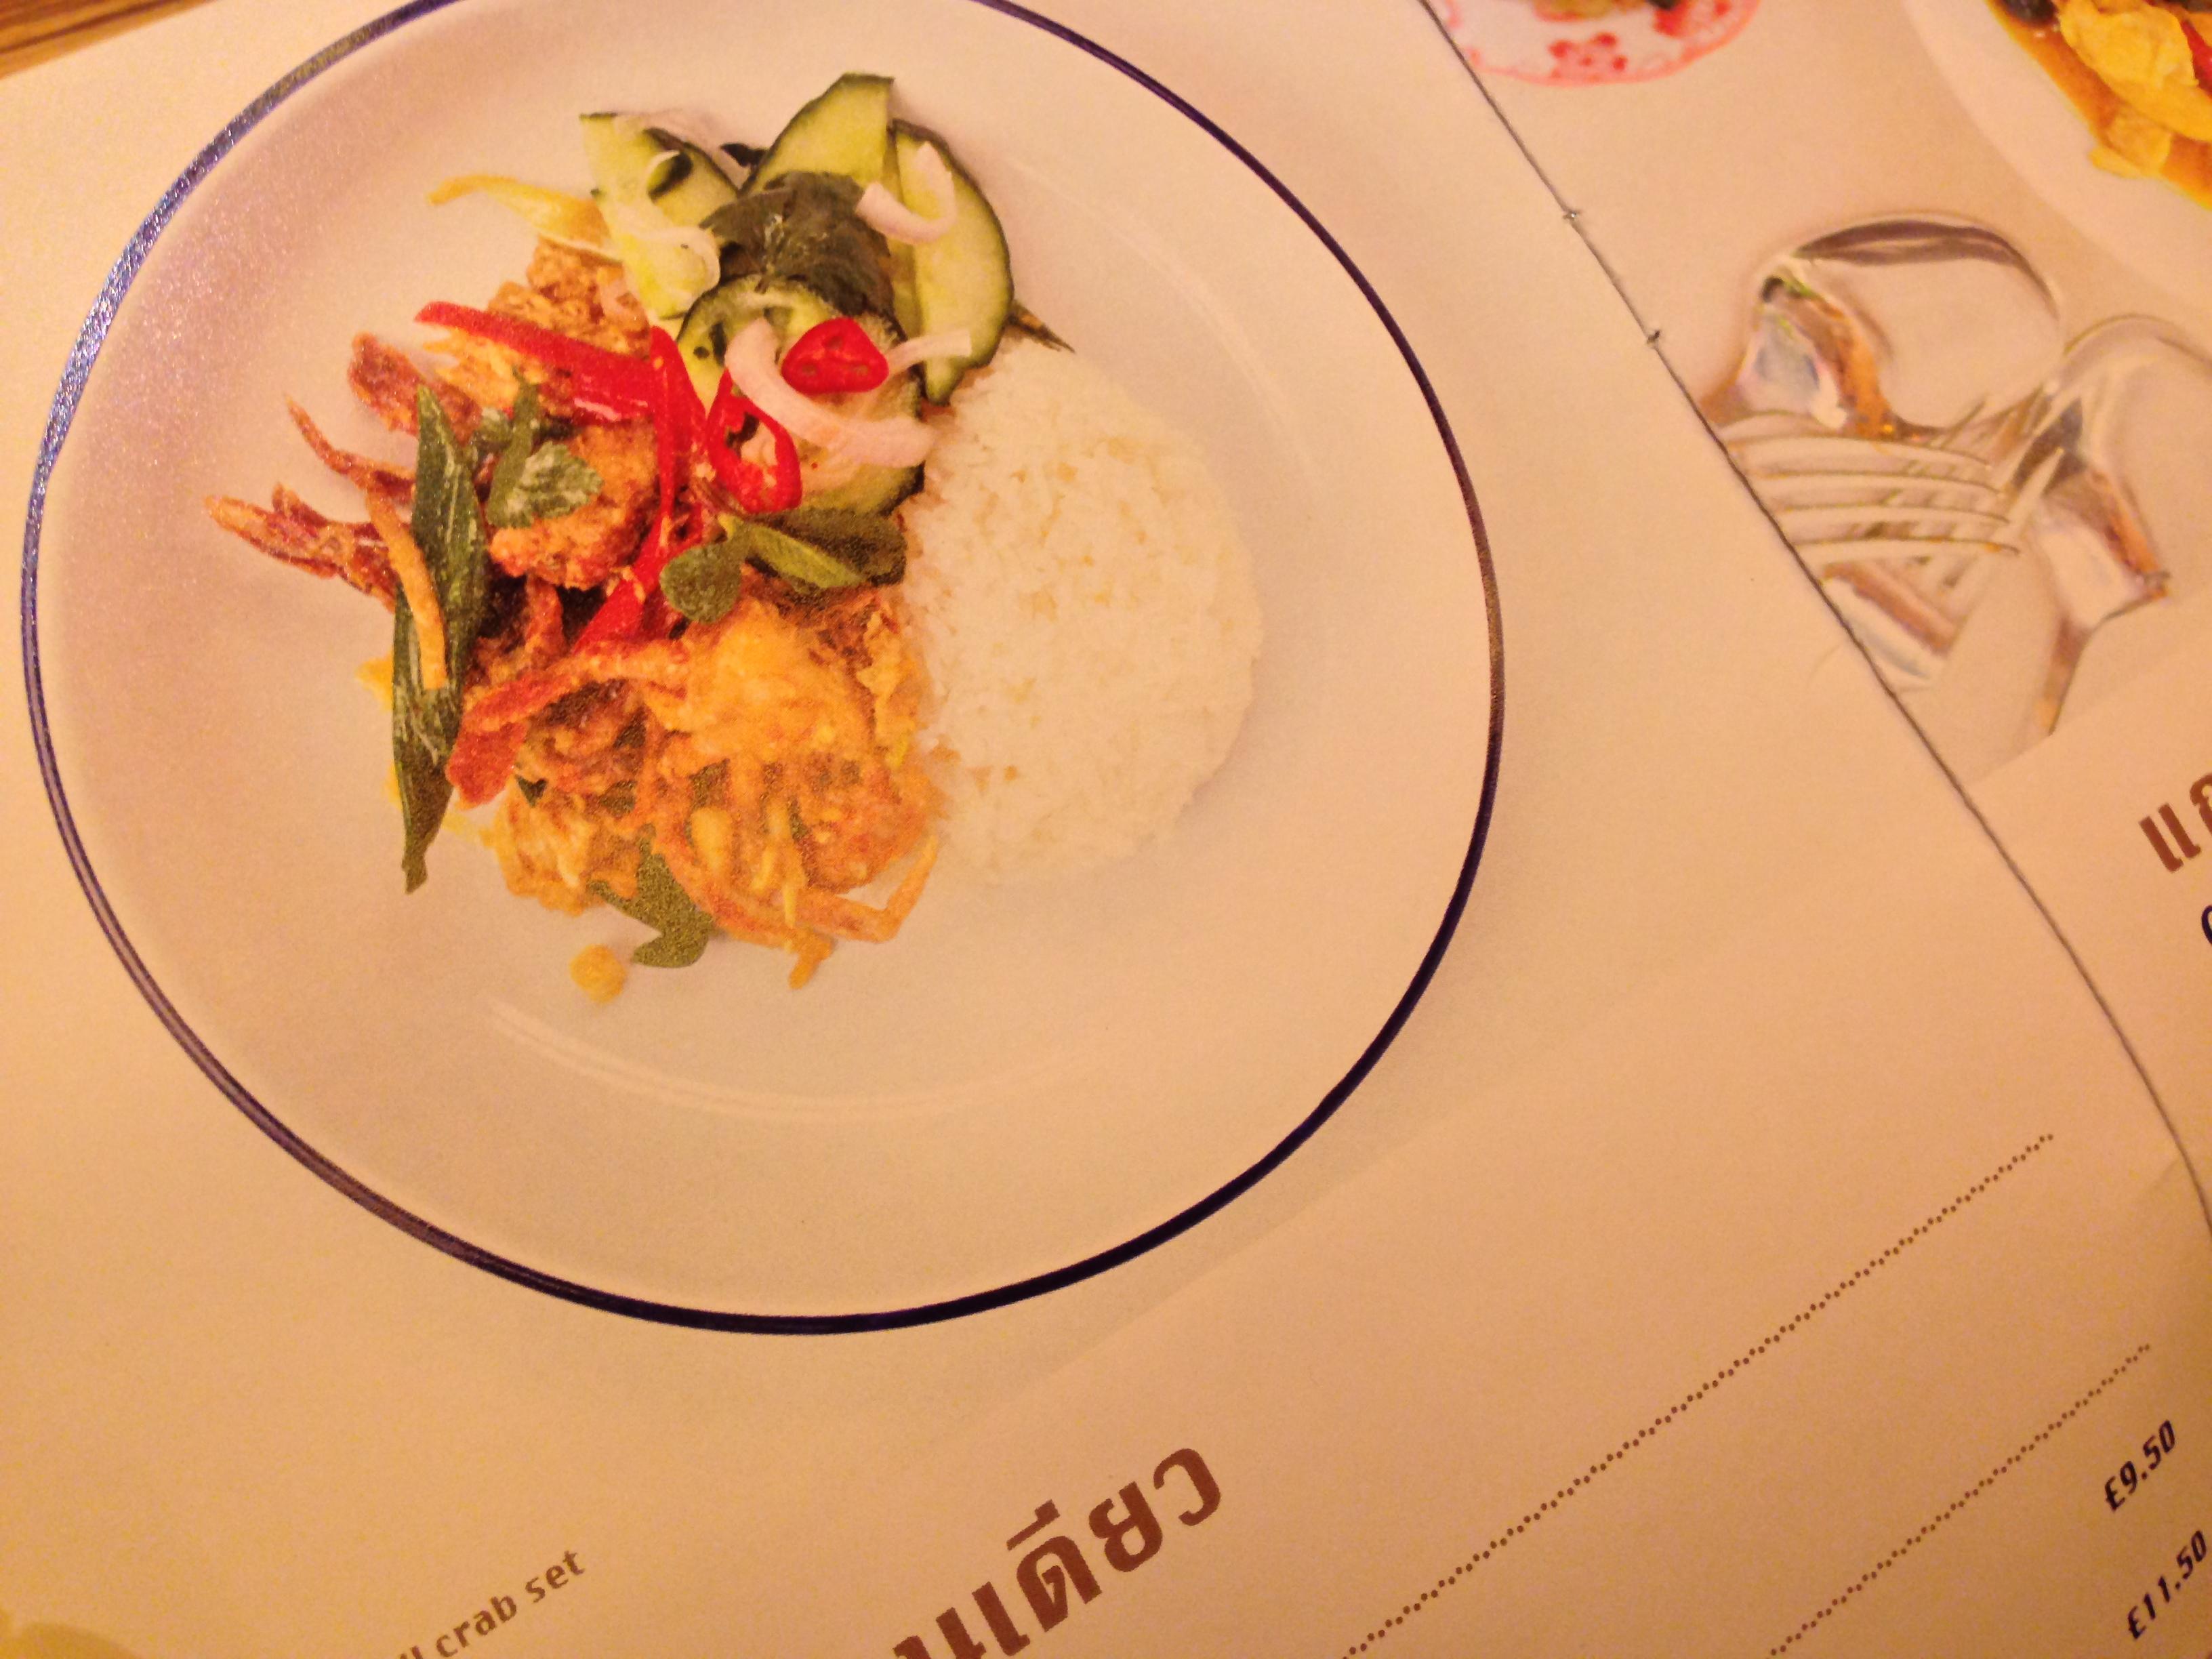 image of menu